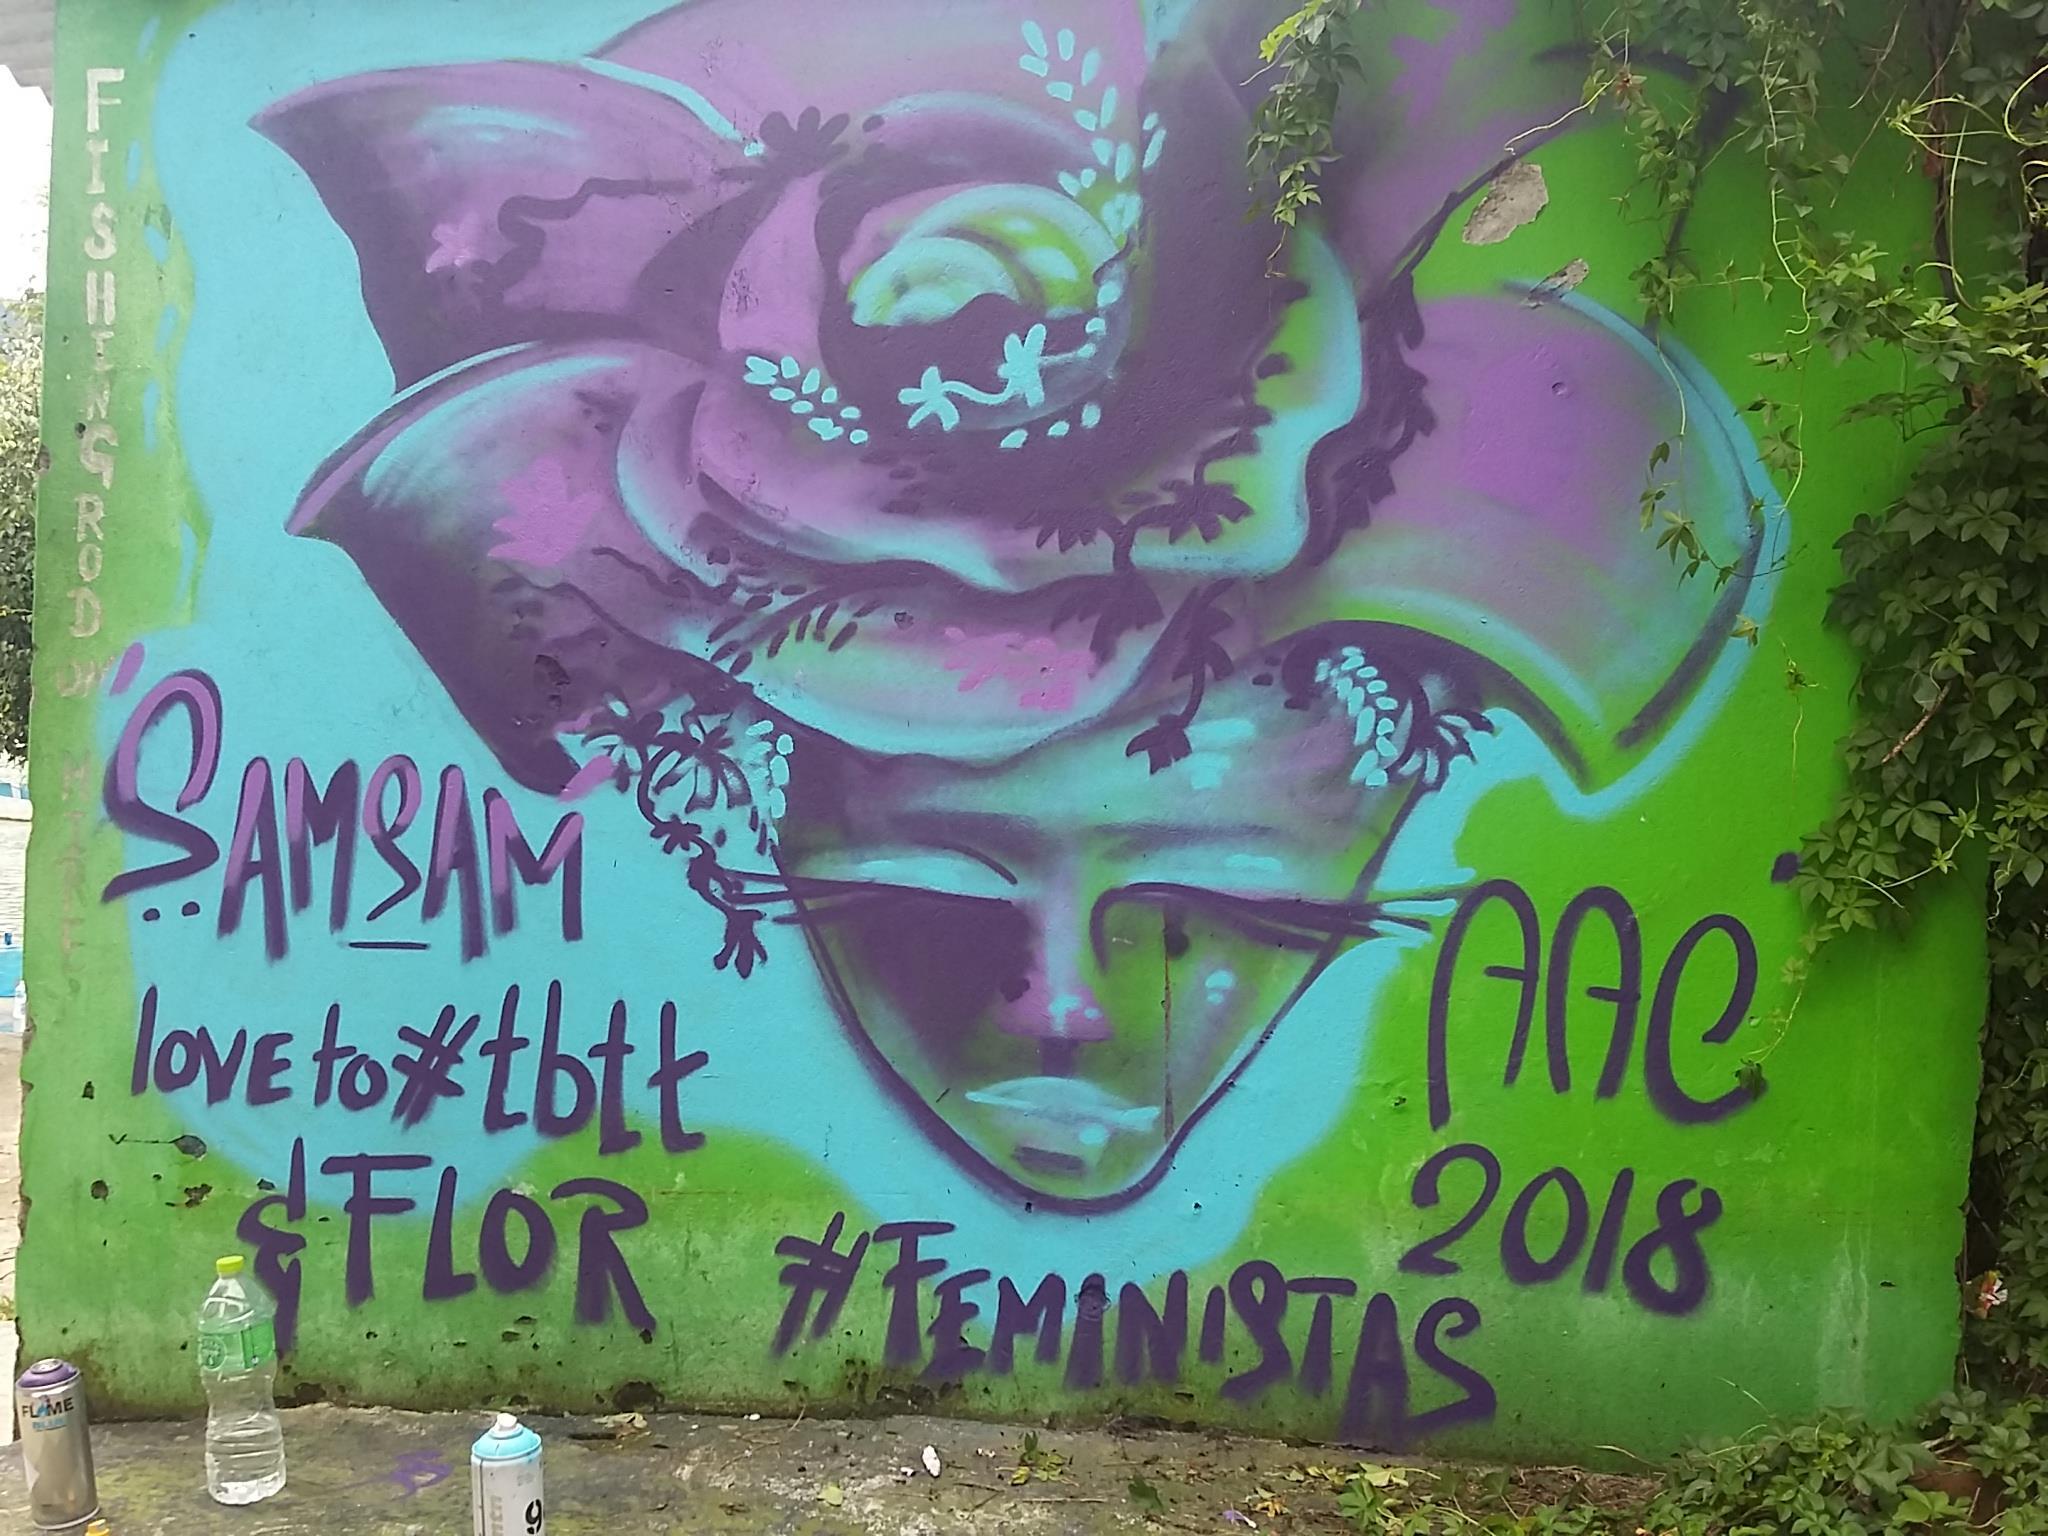 graffiti tbtt